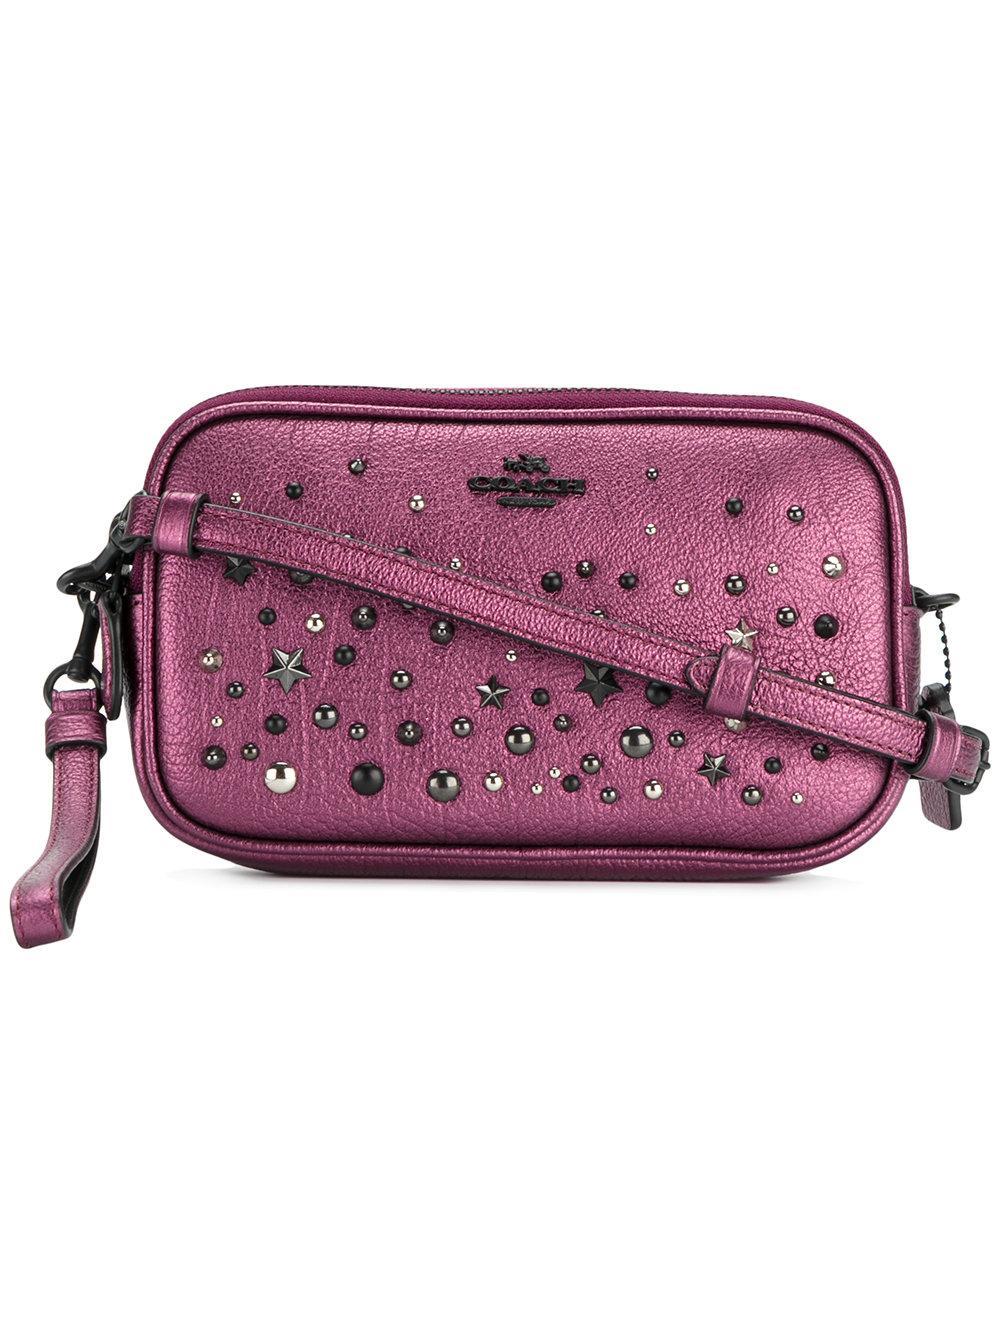 Lyst - Coach Stud Embellished Crossbody Bag